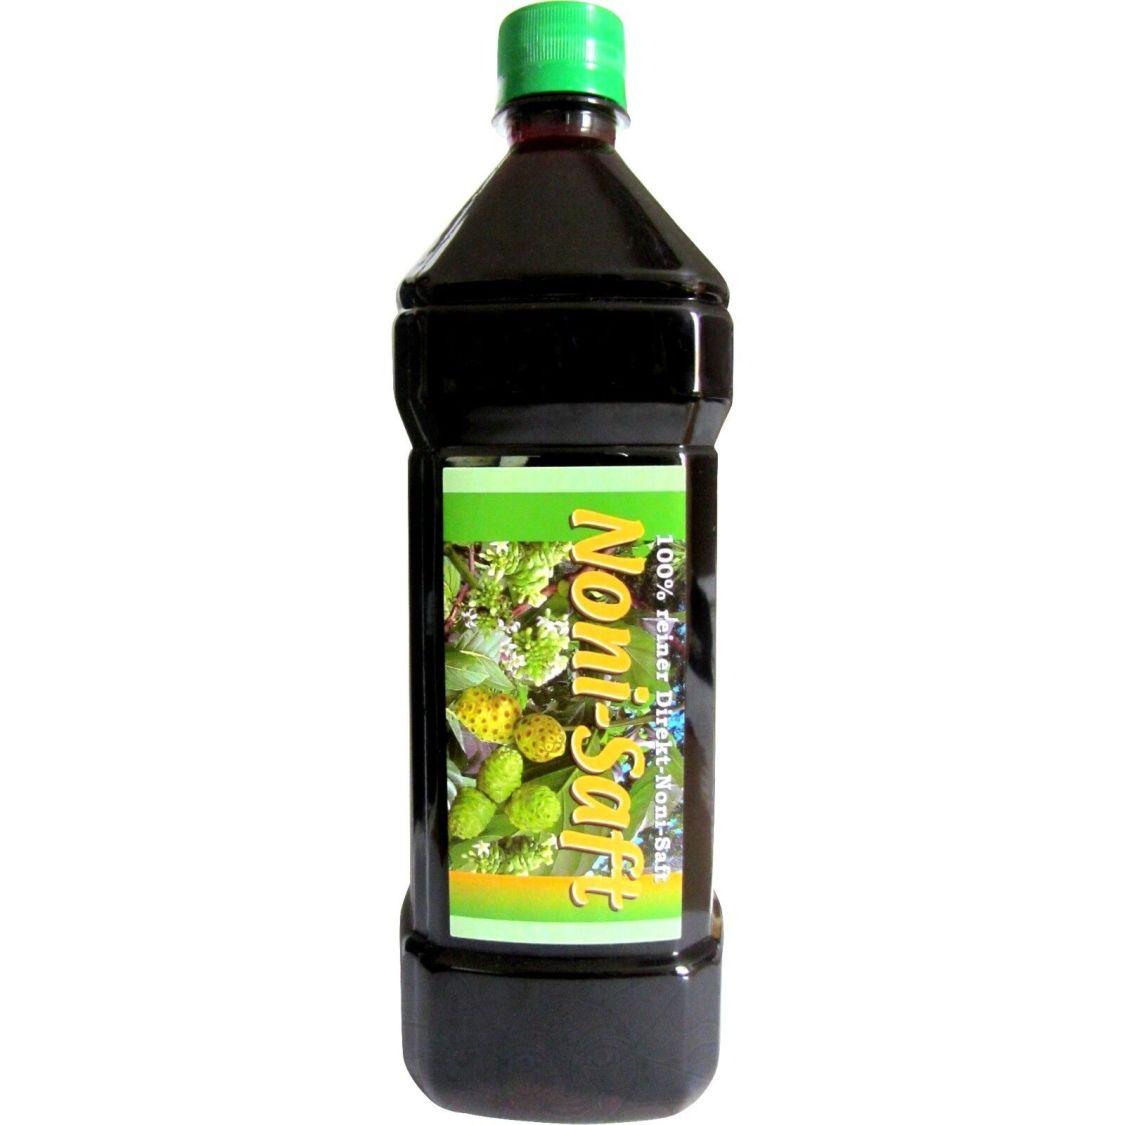 Noni-Saft 100 % Direktsaft Noni Saft Juice - Morinda Citrifolia 1 Liter